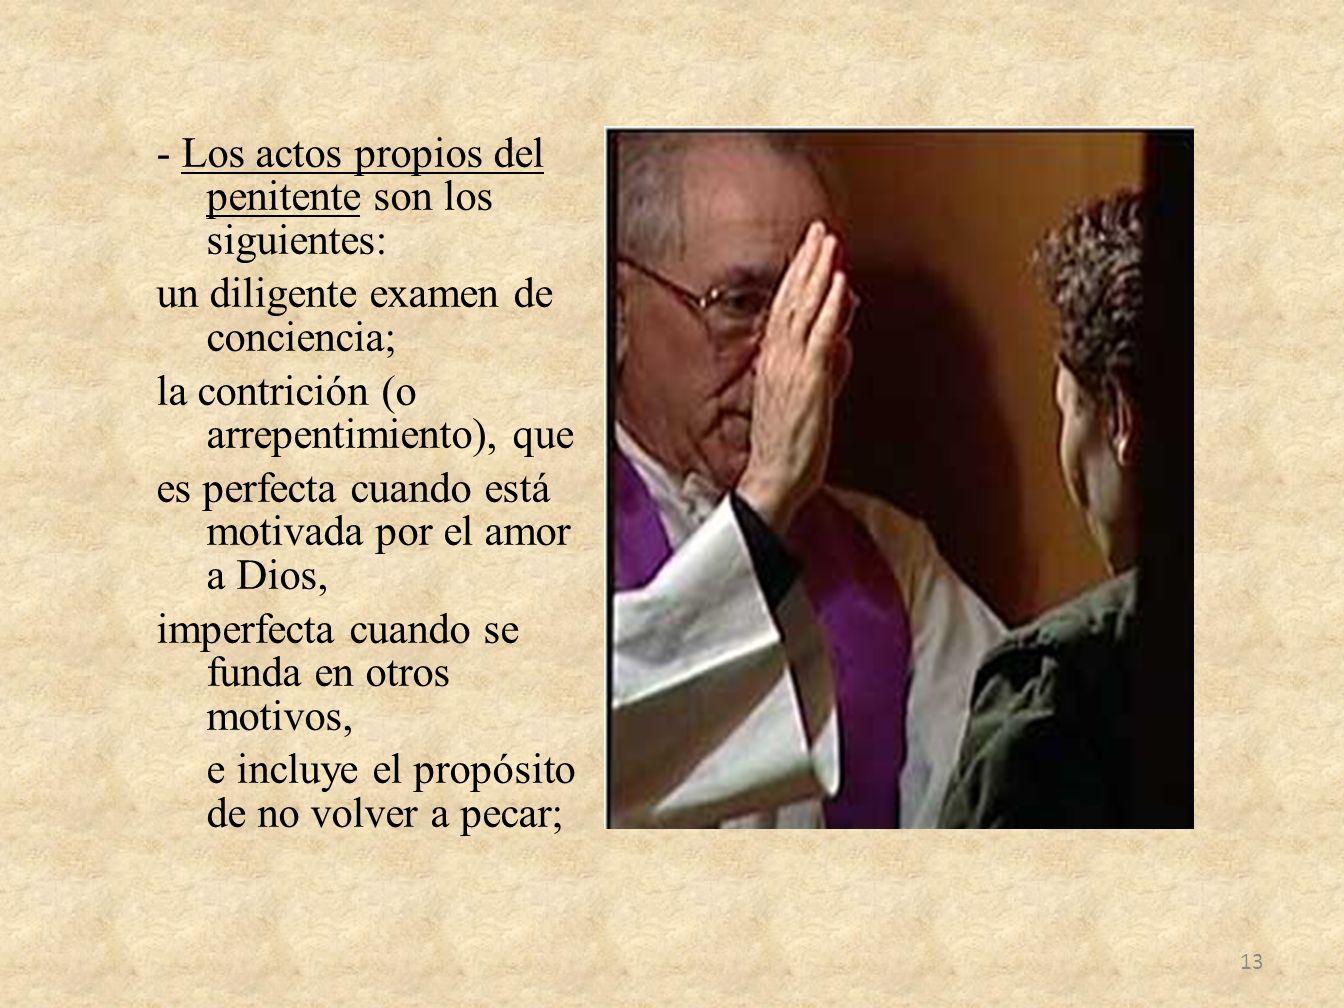 - Los actos propios del penitente son los siguientes: un diligente examen de conciencia; la contrición (o arrepentimiento), que es perfecta cuando est